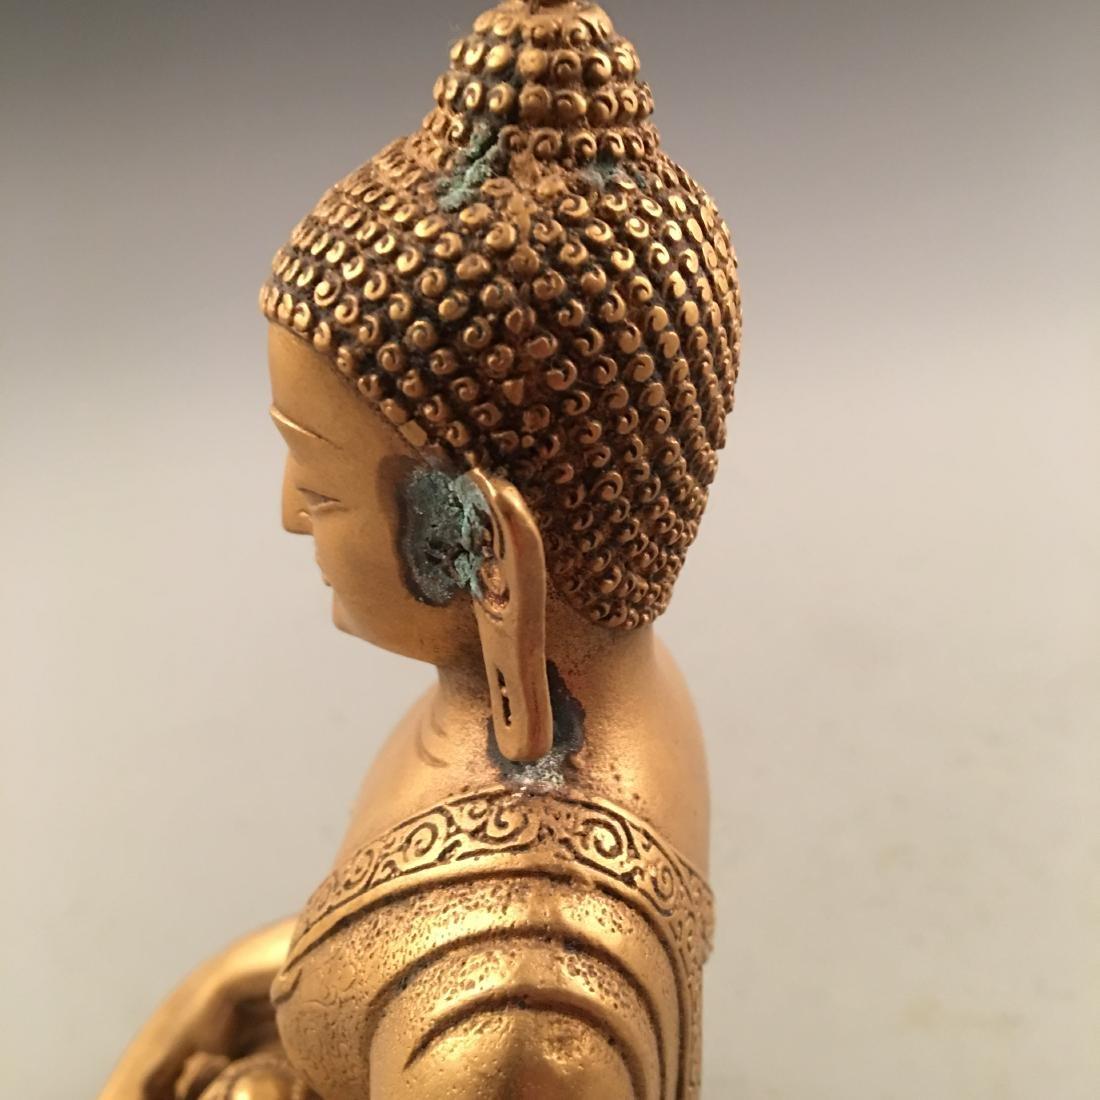 Chinese Gilt Bronze Buddha Statue - 9